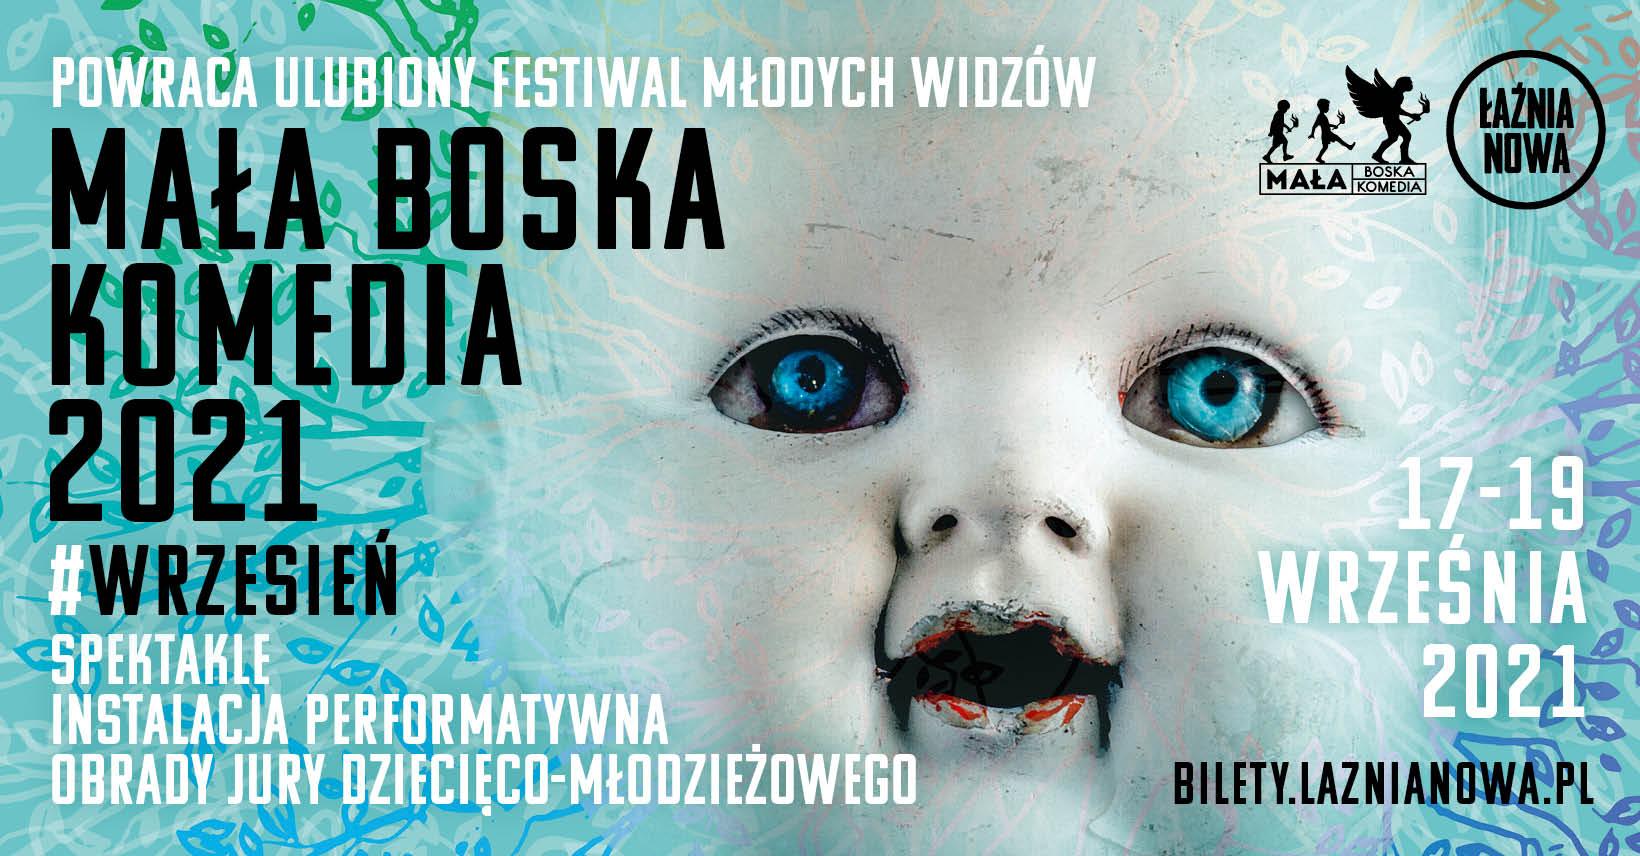 Mała Boska Komedia 2021 -ulubiony festiwal młodych widzów znowu na żywo